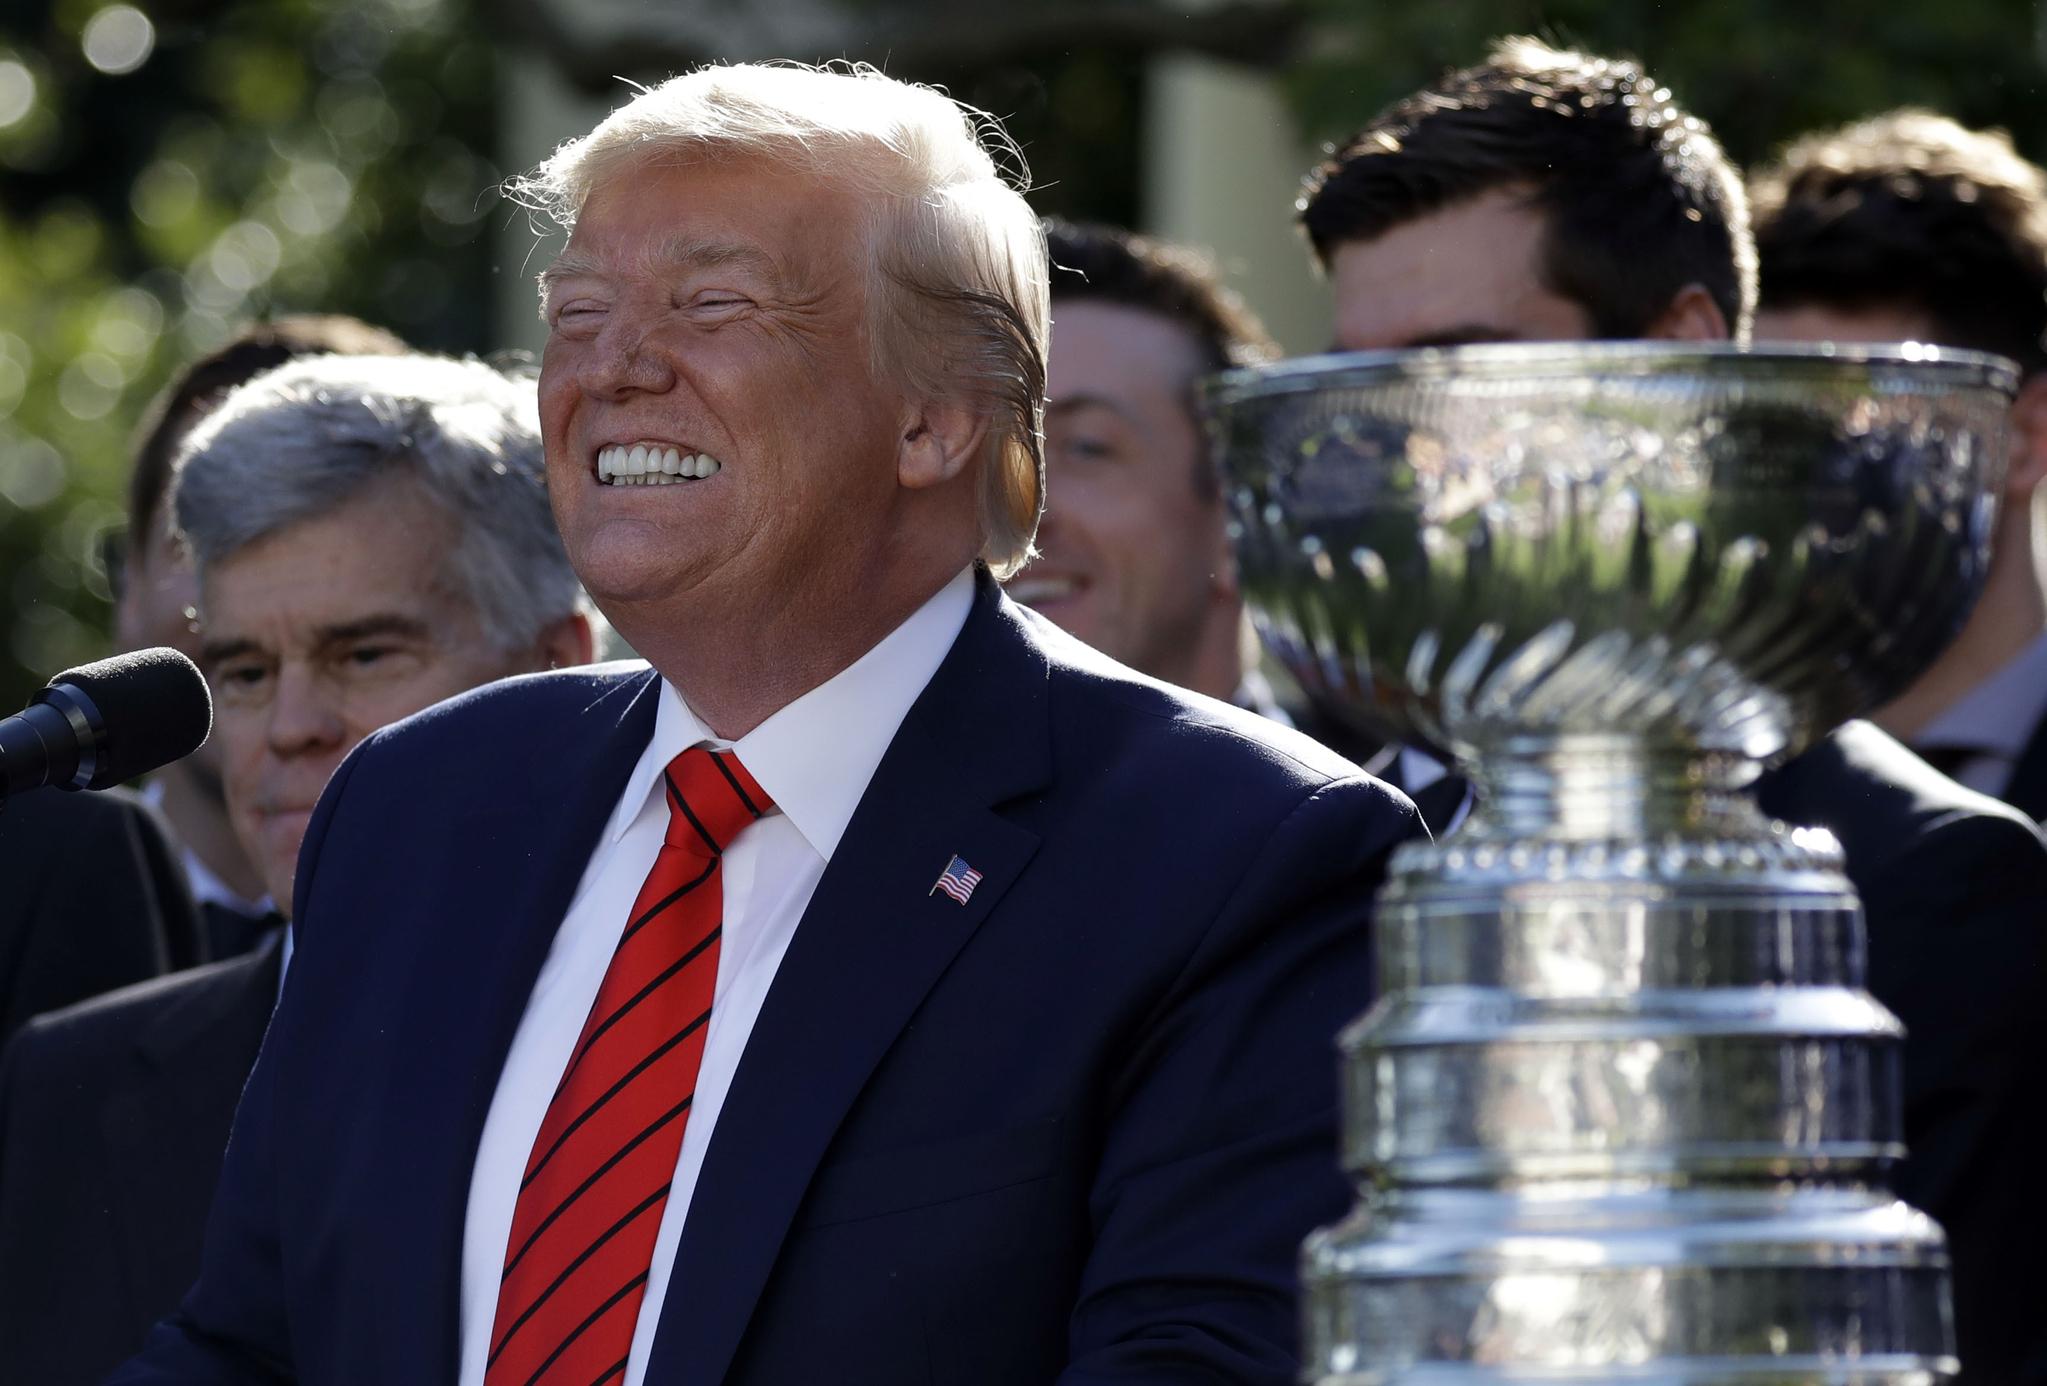 도널드 트럼프 미국 대통령이 15일(현지시간) 워싱턴 D.C. 백악관 로즈가든에서 열린 올해 북미아이스하키리그(NHL) 스탠리컵 우승팀 초청행사에 참석해 발언 중 자신의 치아를 드러내 보이며 웃고 있다. [AP=연합뉴스]